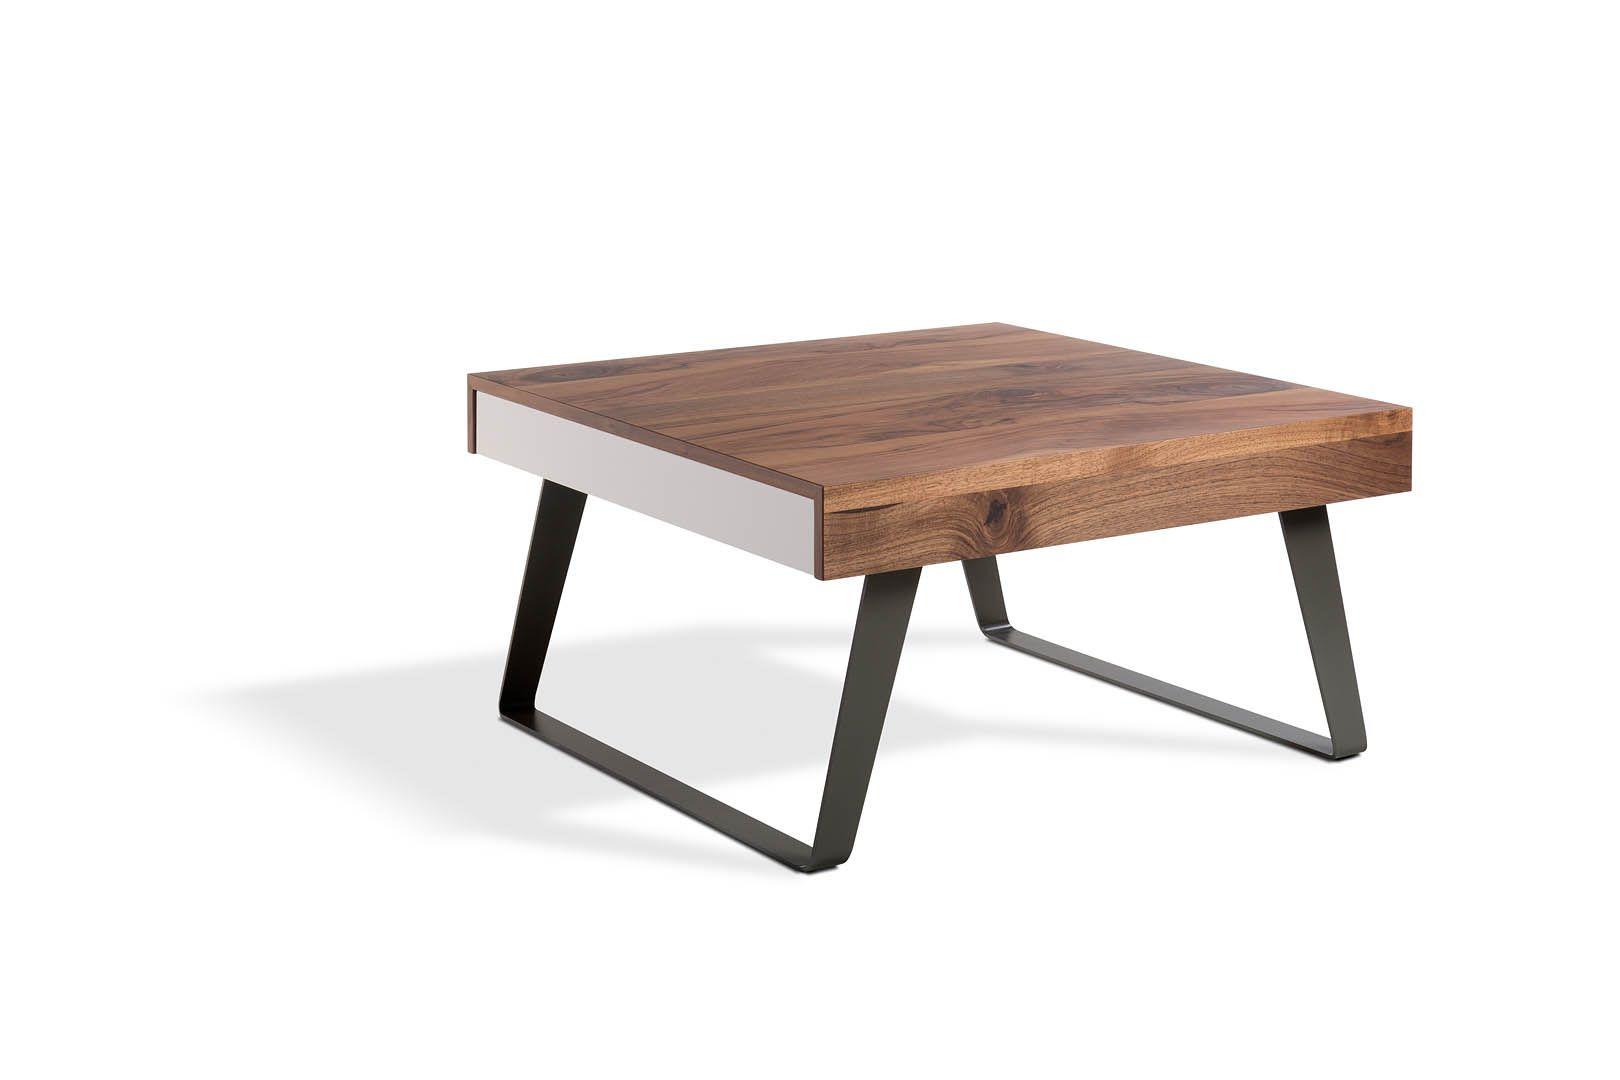 Wohndesign möbel couchtisch cta möbel madeingermany furniture gwinner